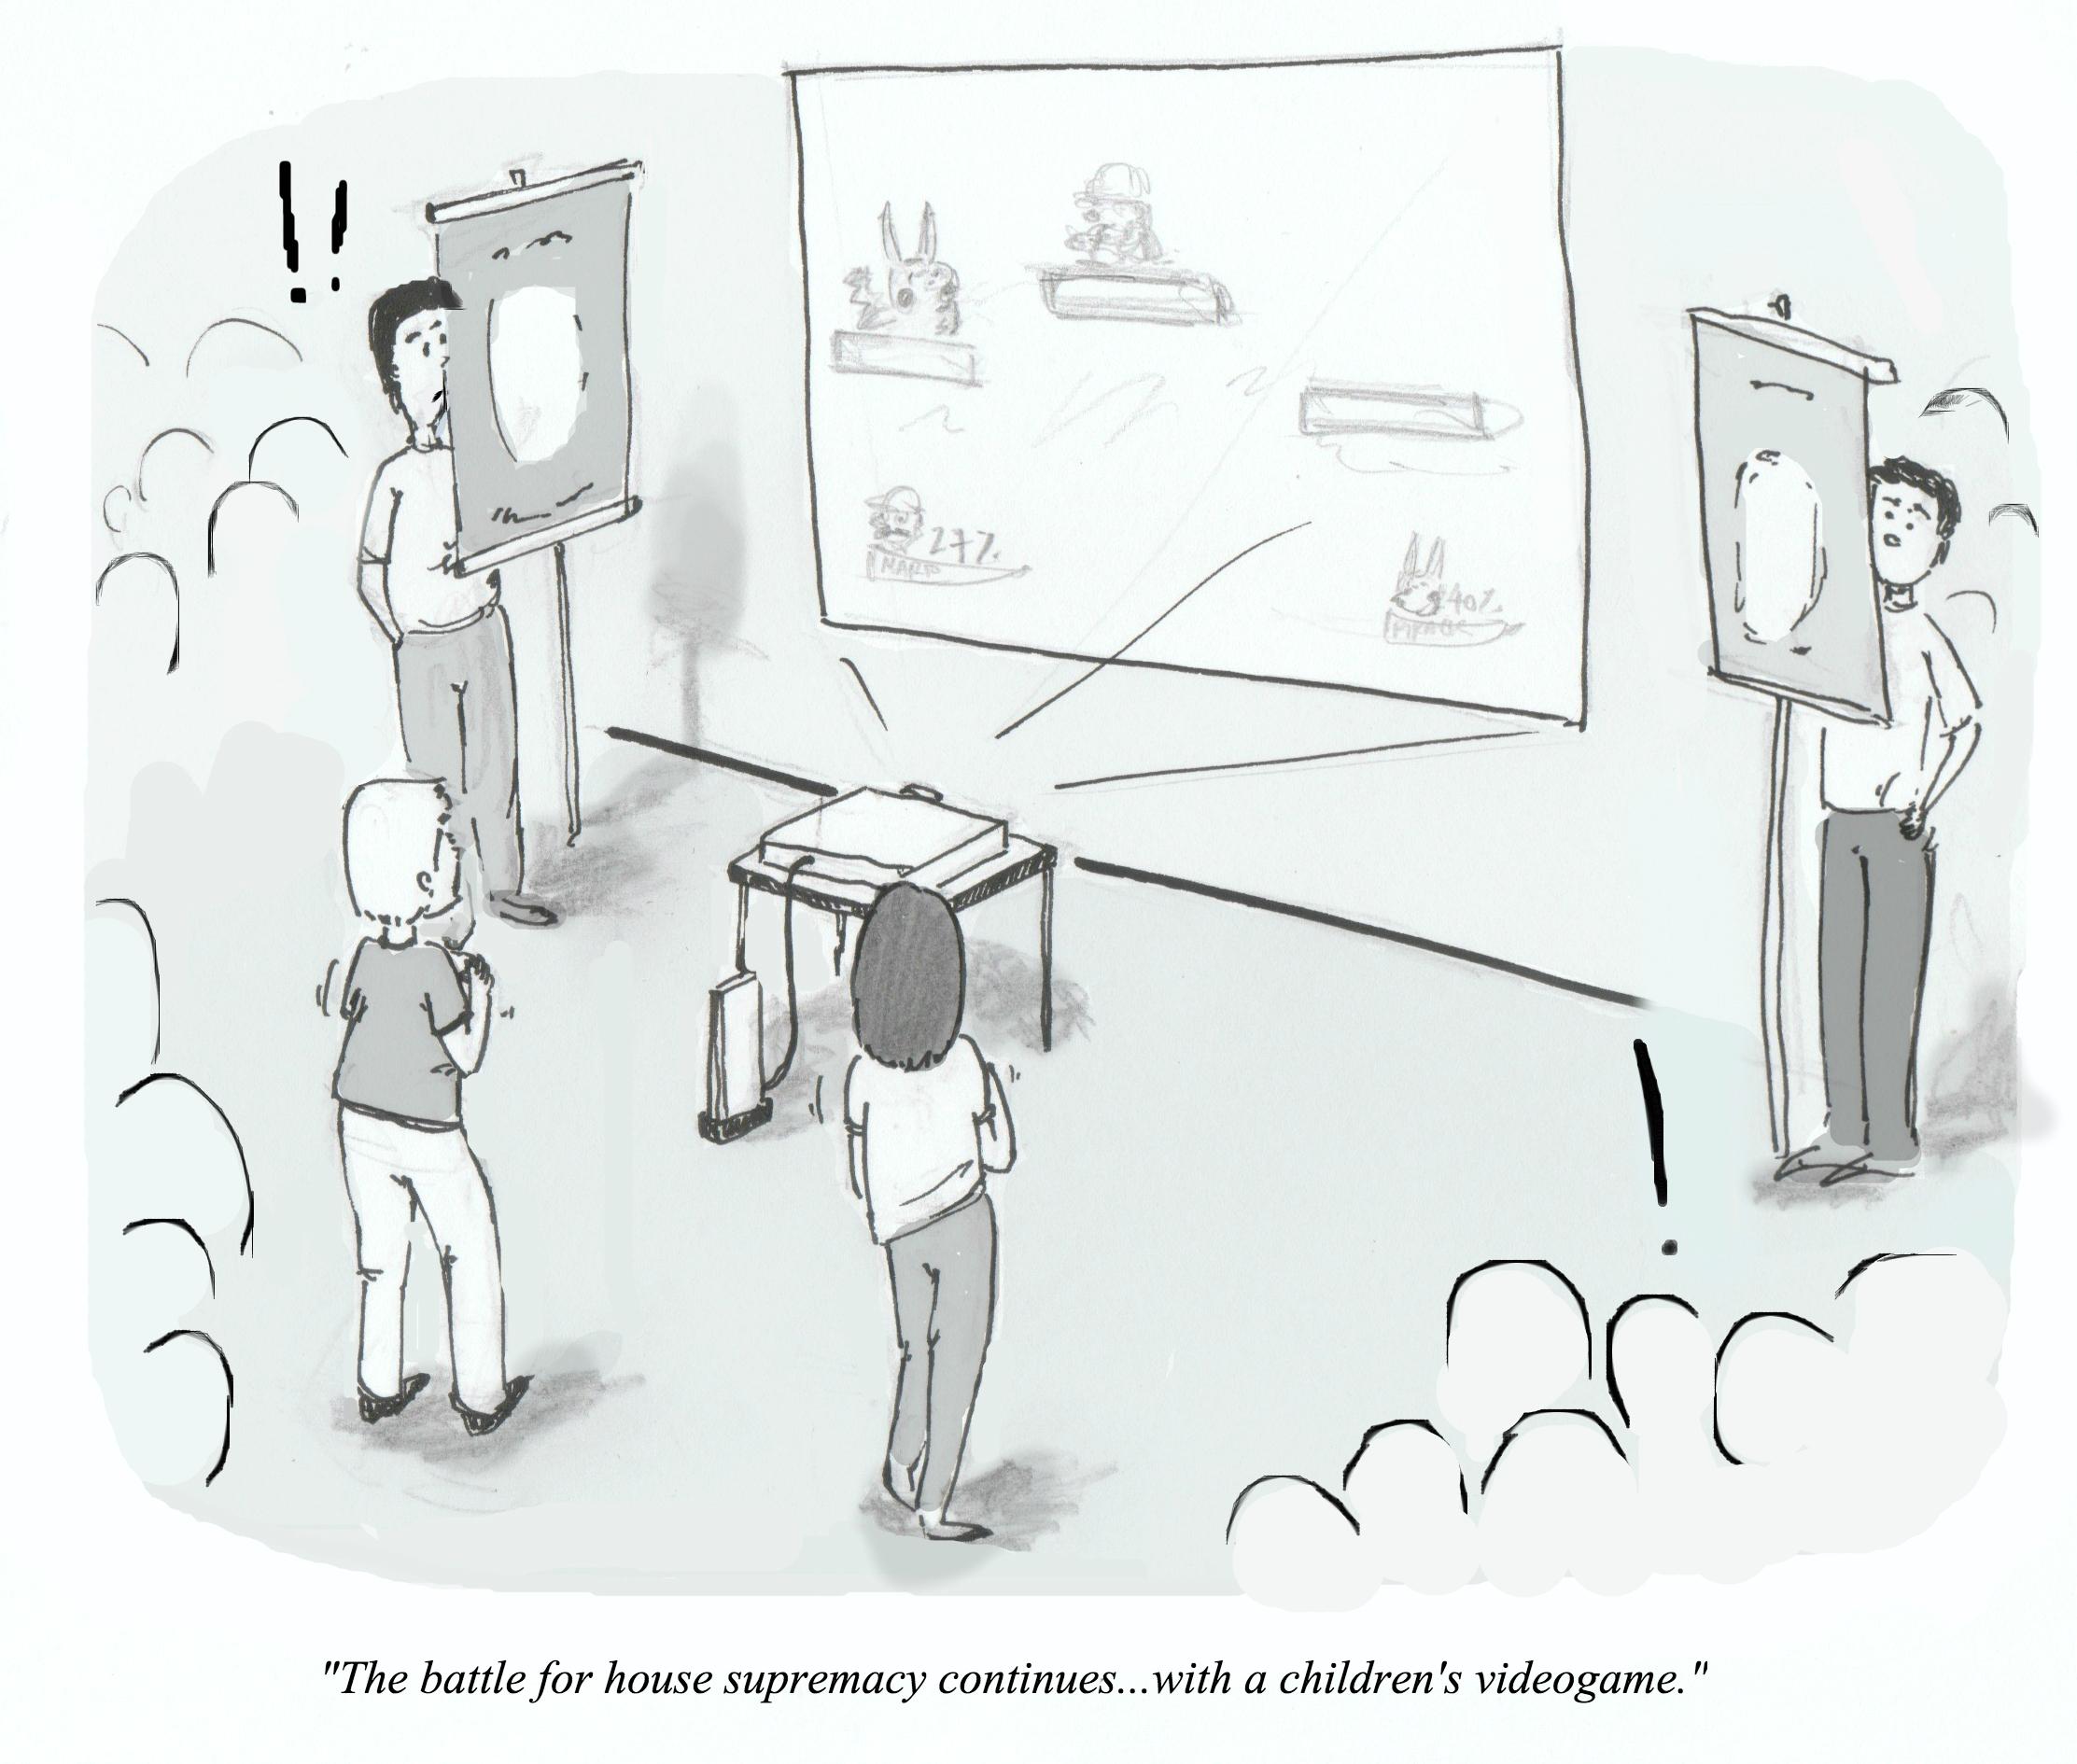 Week 4 Cartoon